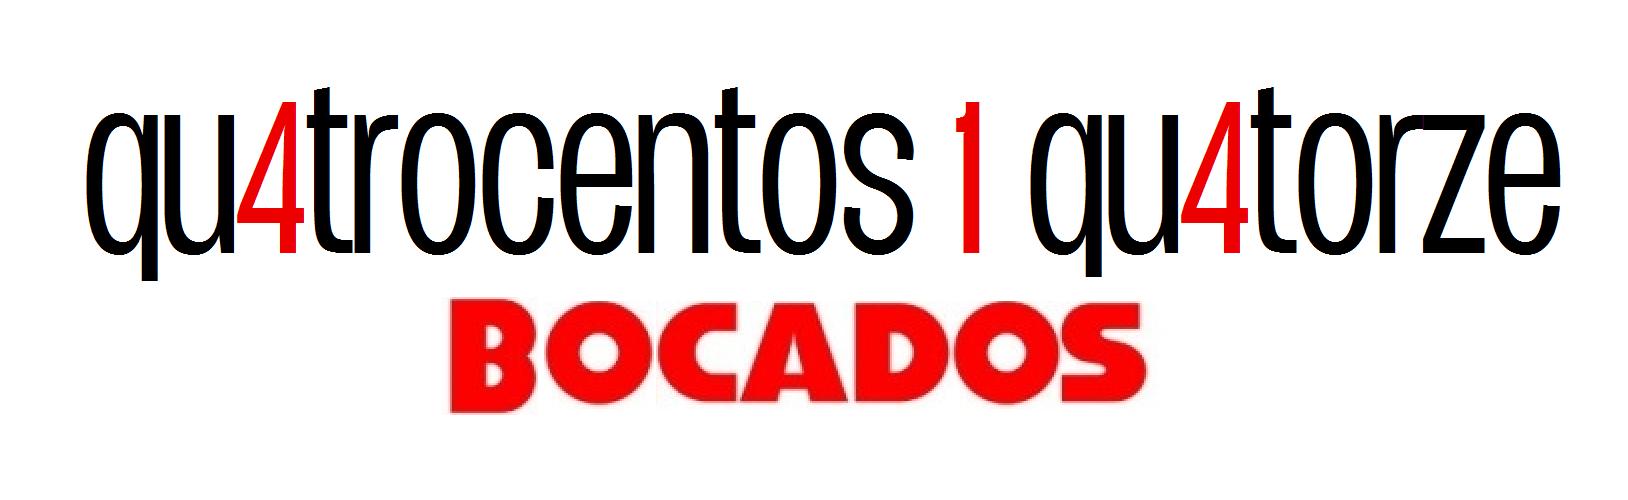 Quatrocentos e Quatorze Bocados (telenovela)